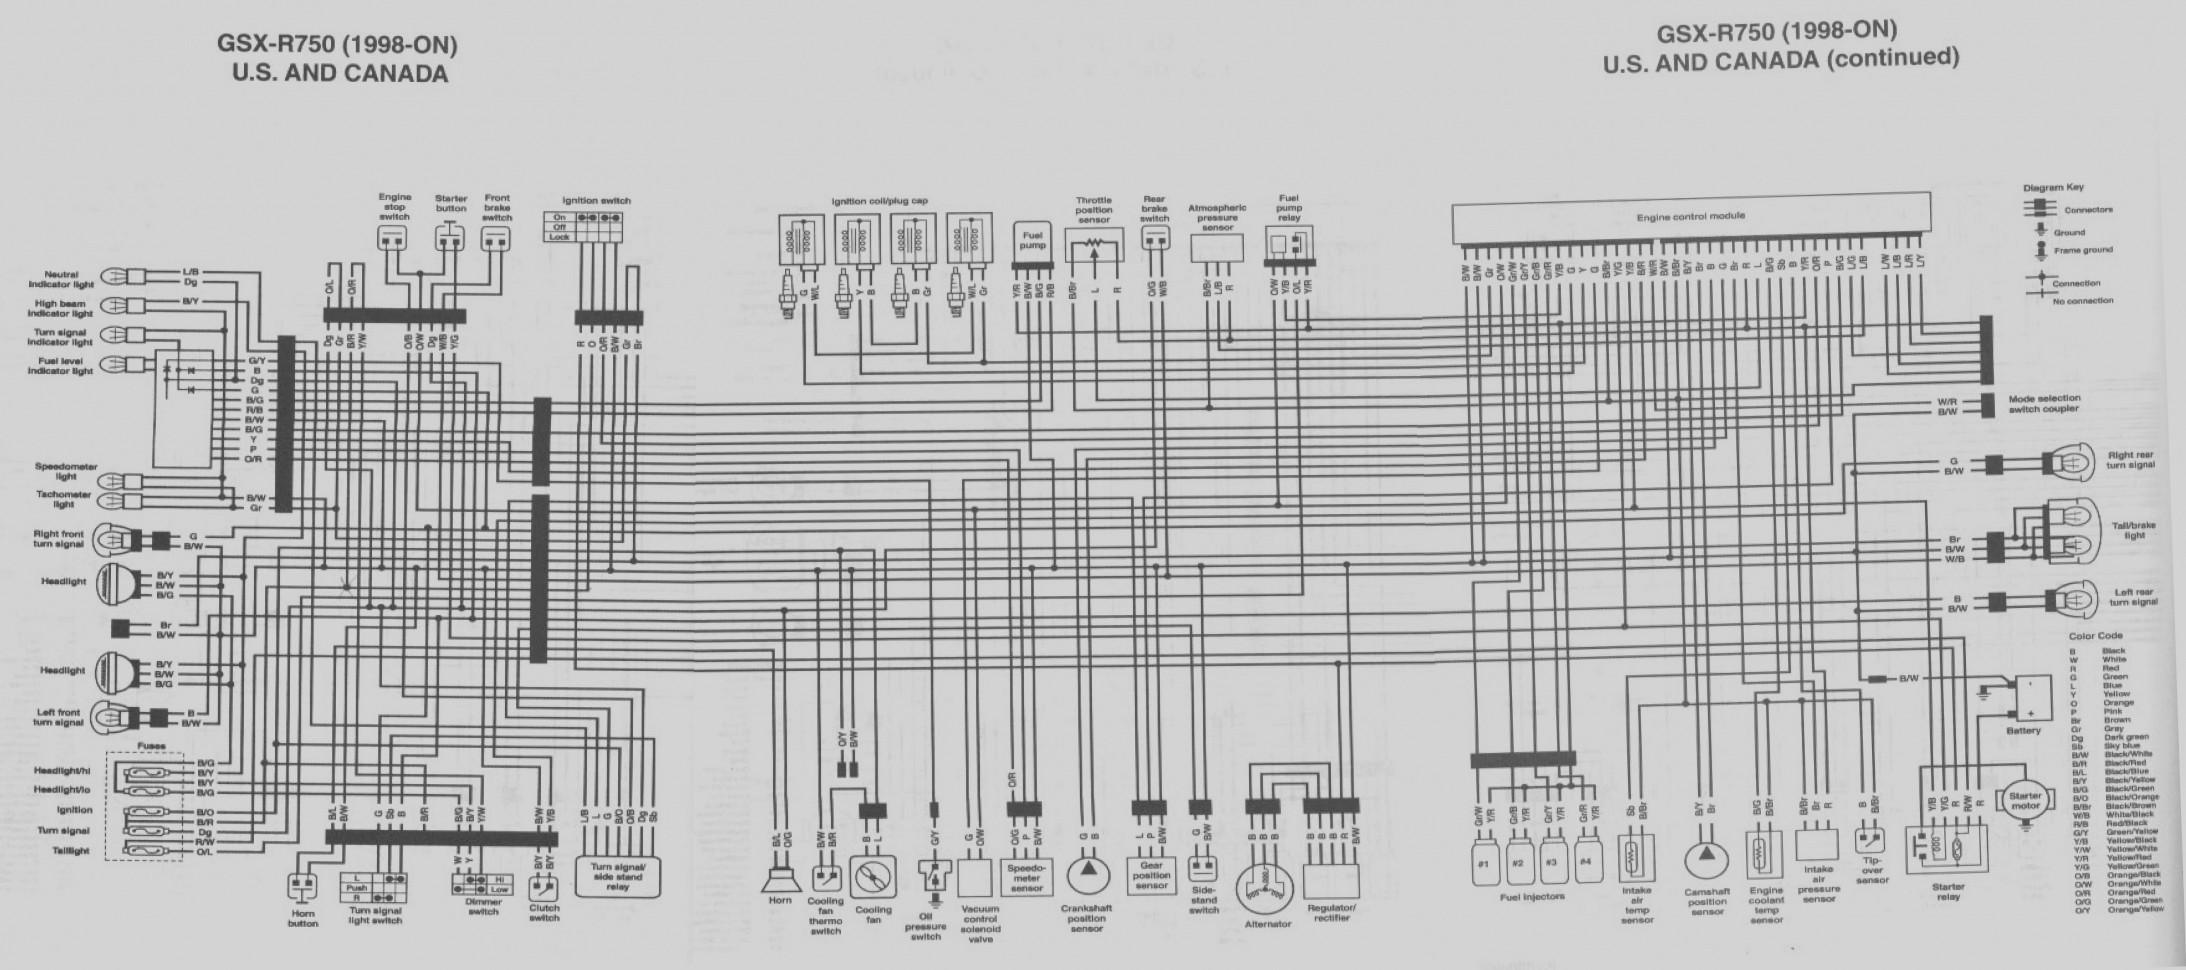 1989 Suzuki Gsx750f    Wiring       Diagram        Wiring       Diagram    and